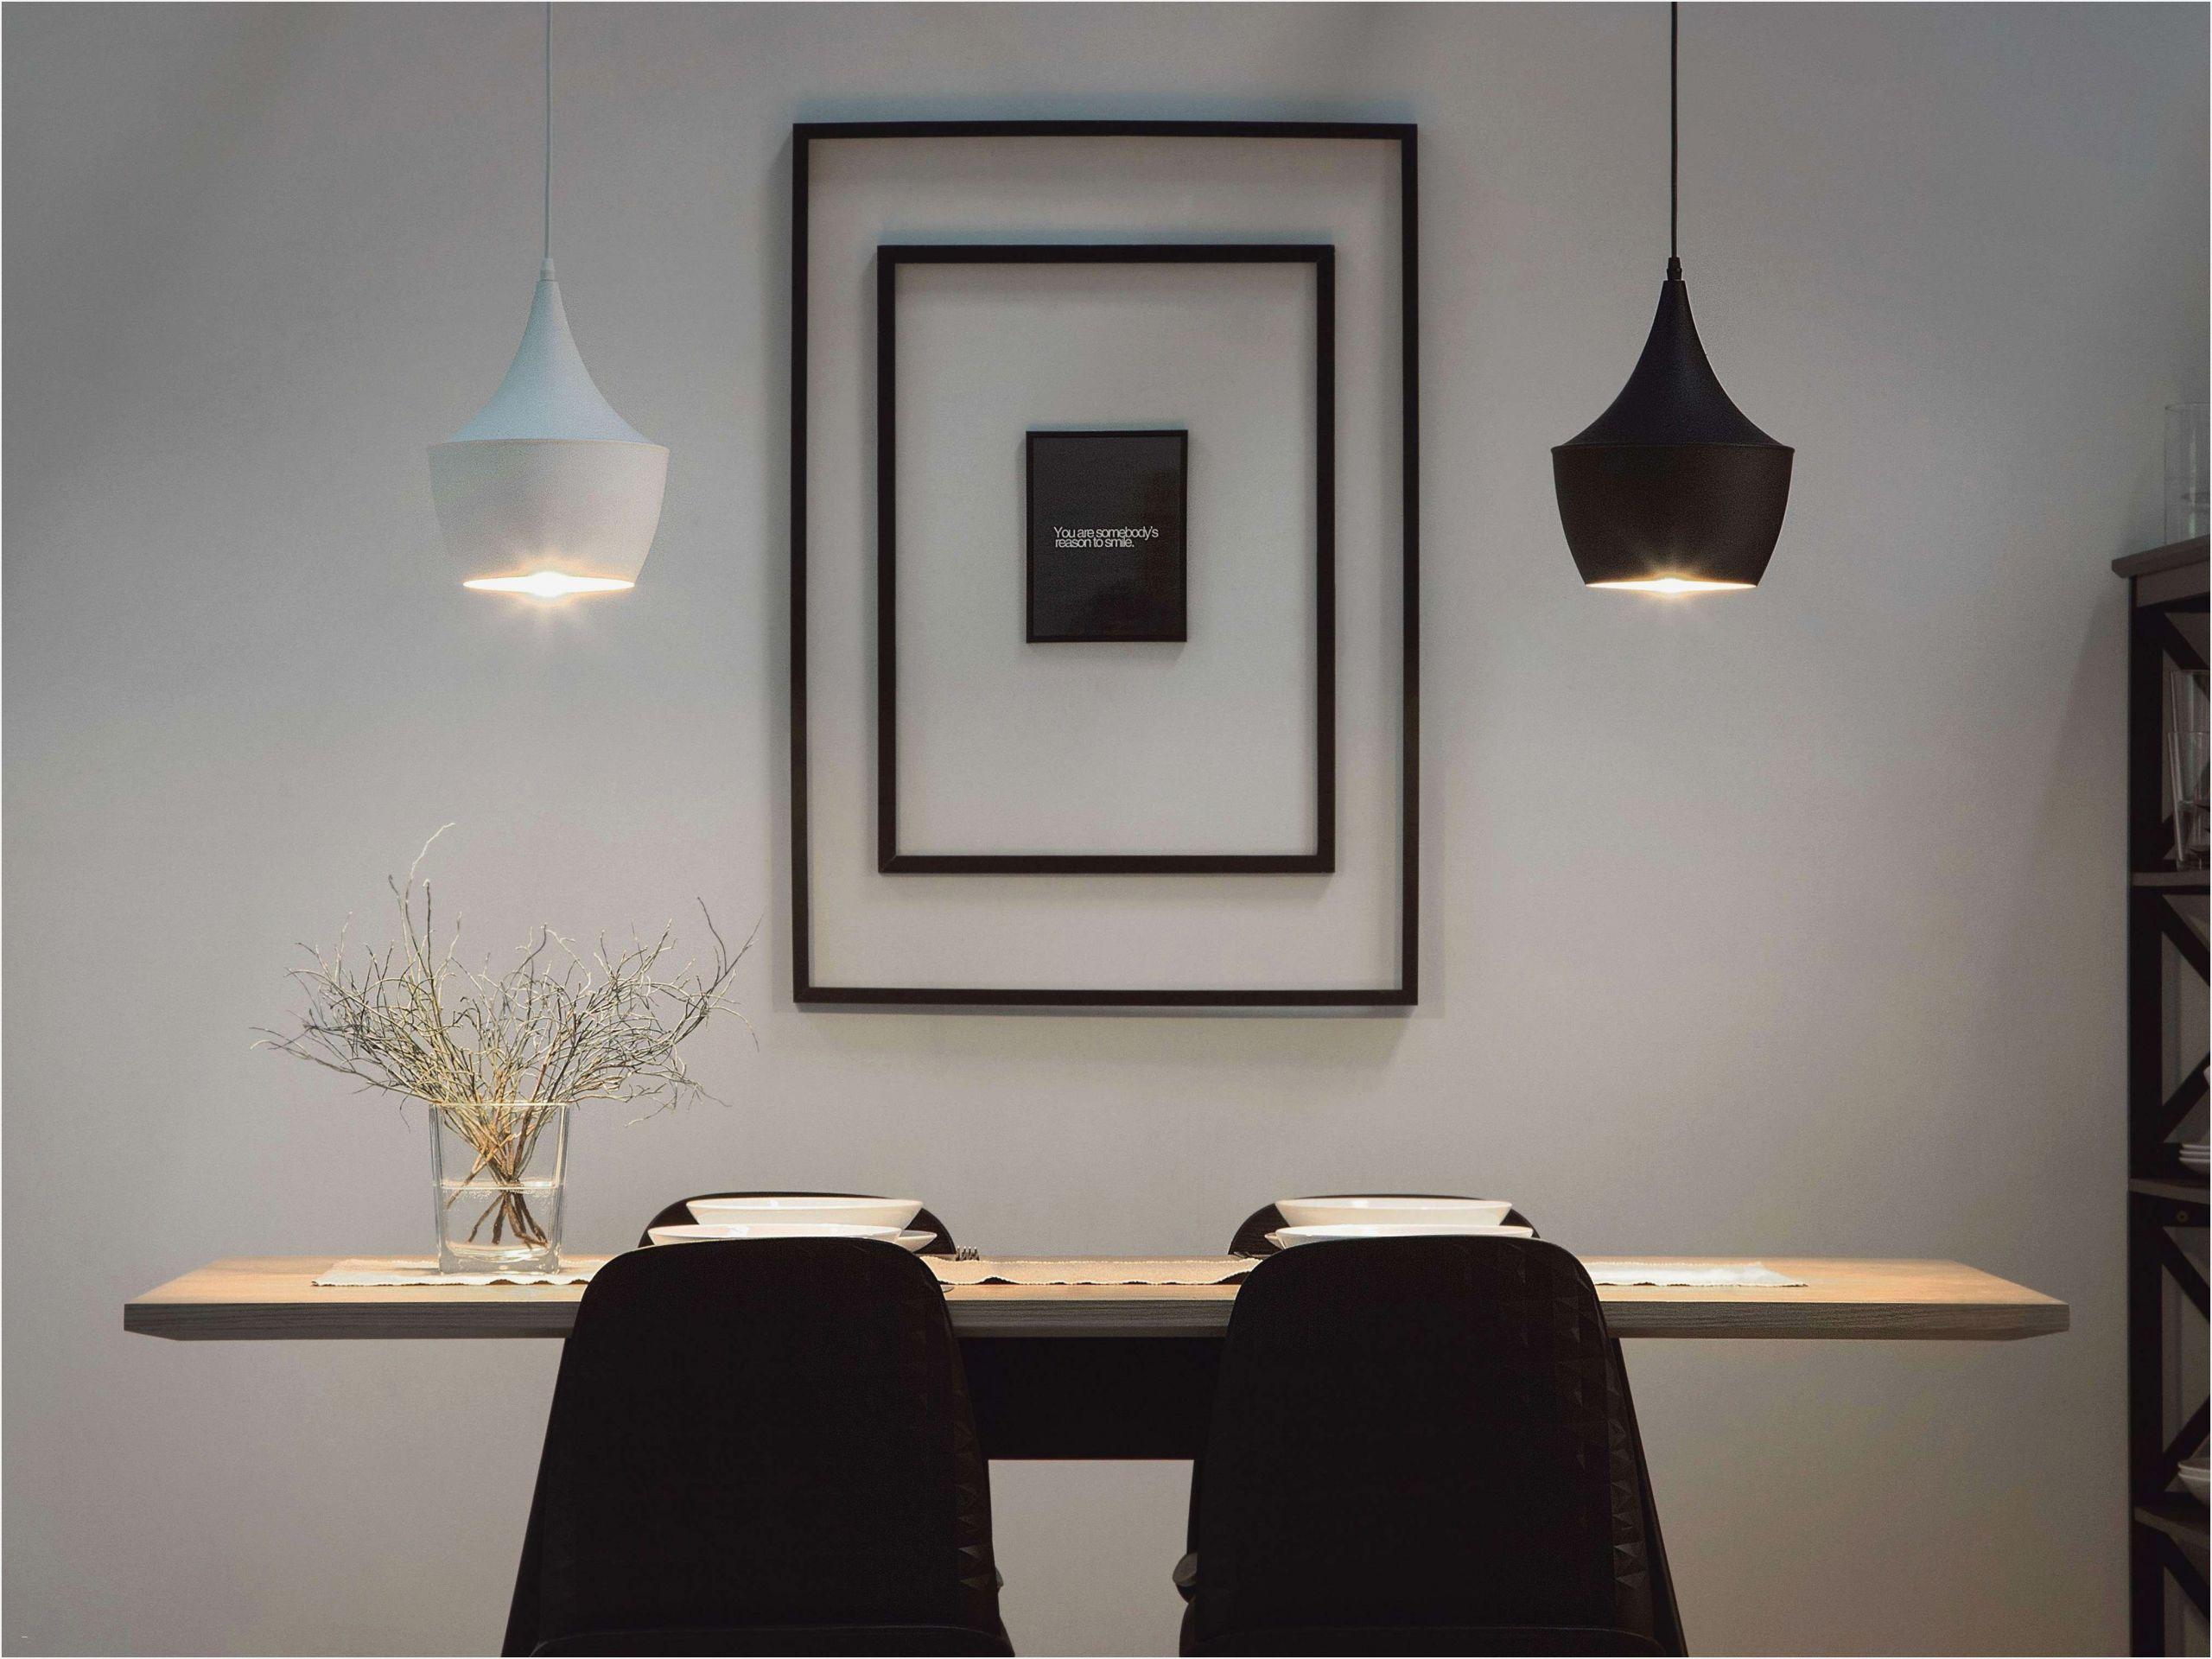 Full Size of Lampen Schlafzimmer Lampe Ikea Traumhaus Dekoration Günstige Weiss Kommode Weiß Truhe Küche Kronleuchter Deckenleuchte Modern Wandtattoo Wandtattoos Schlafzimmer Lampen Schlafzimmer